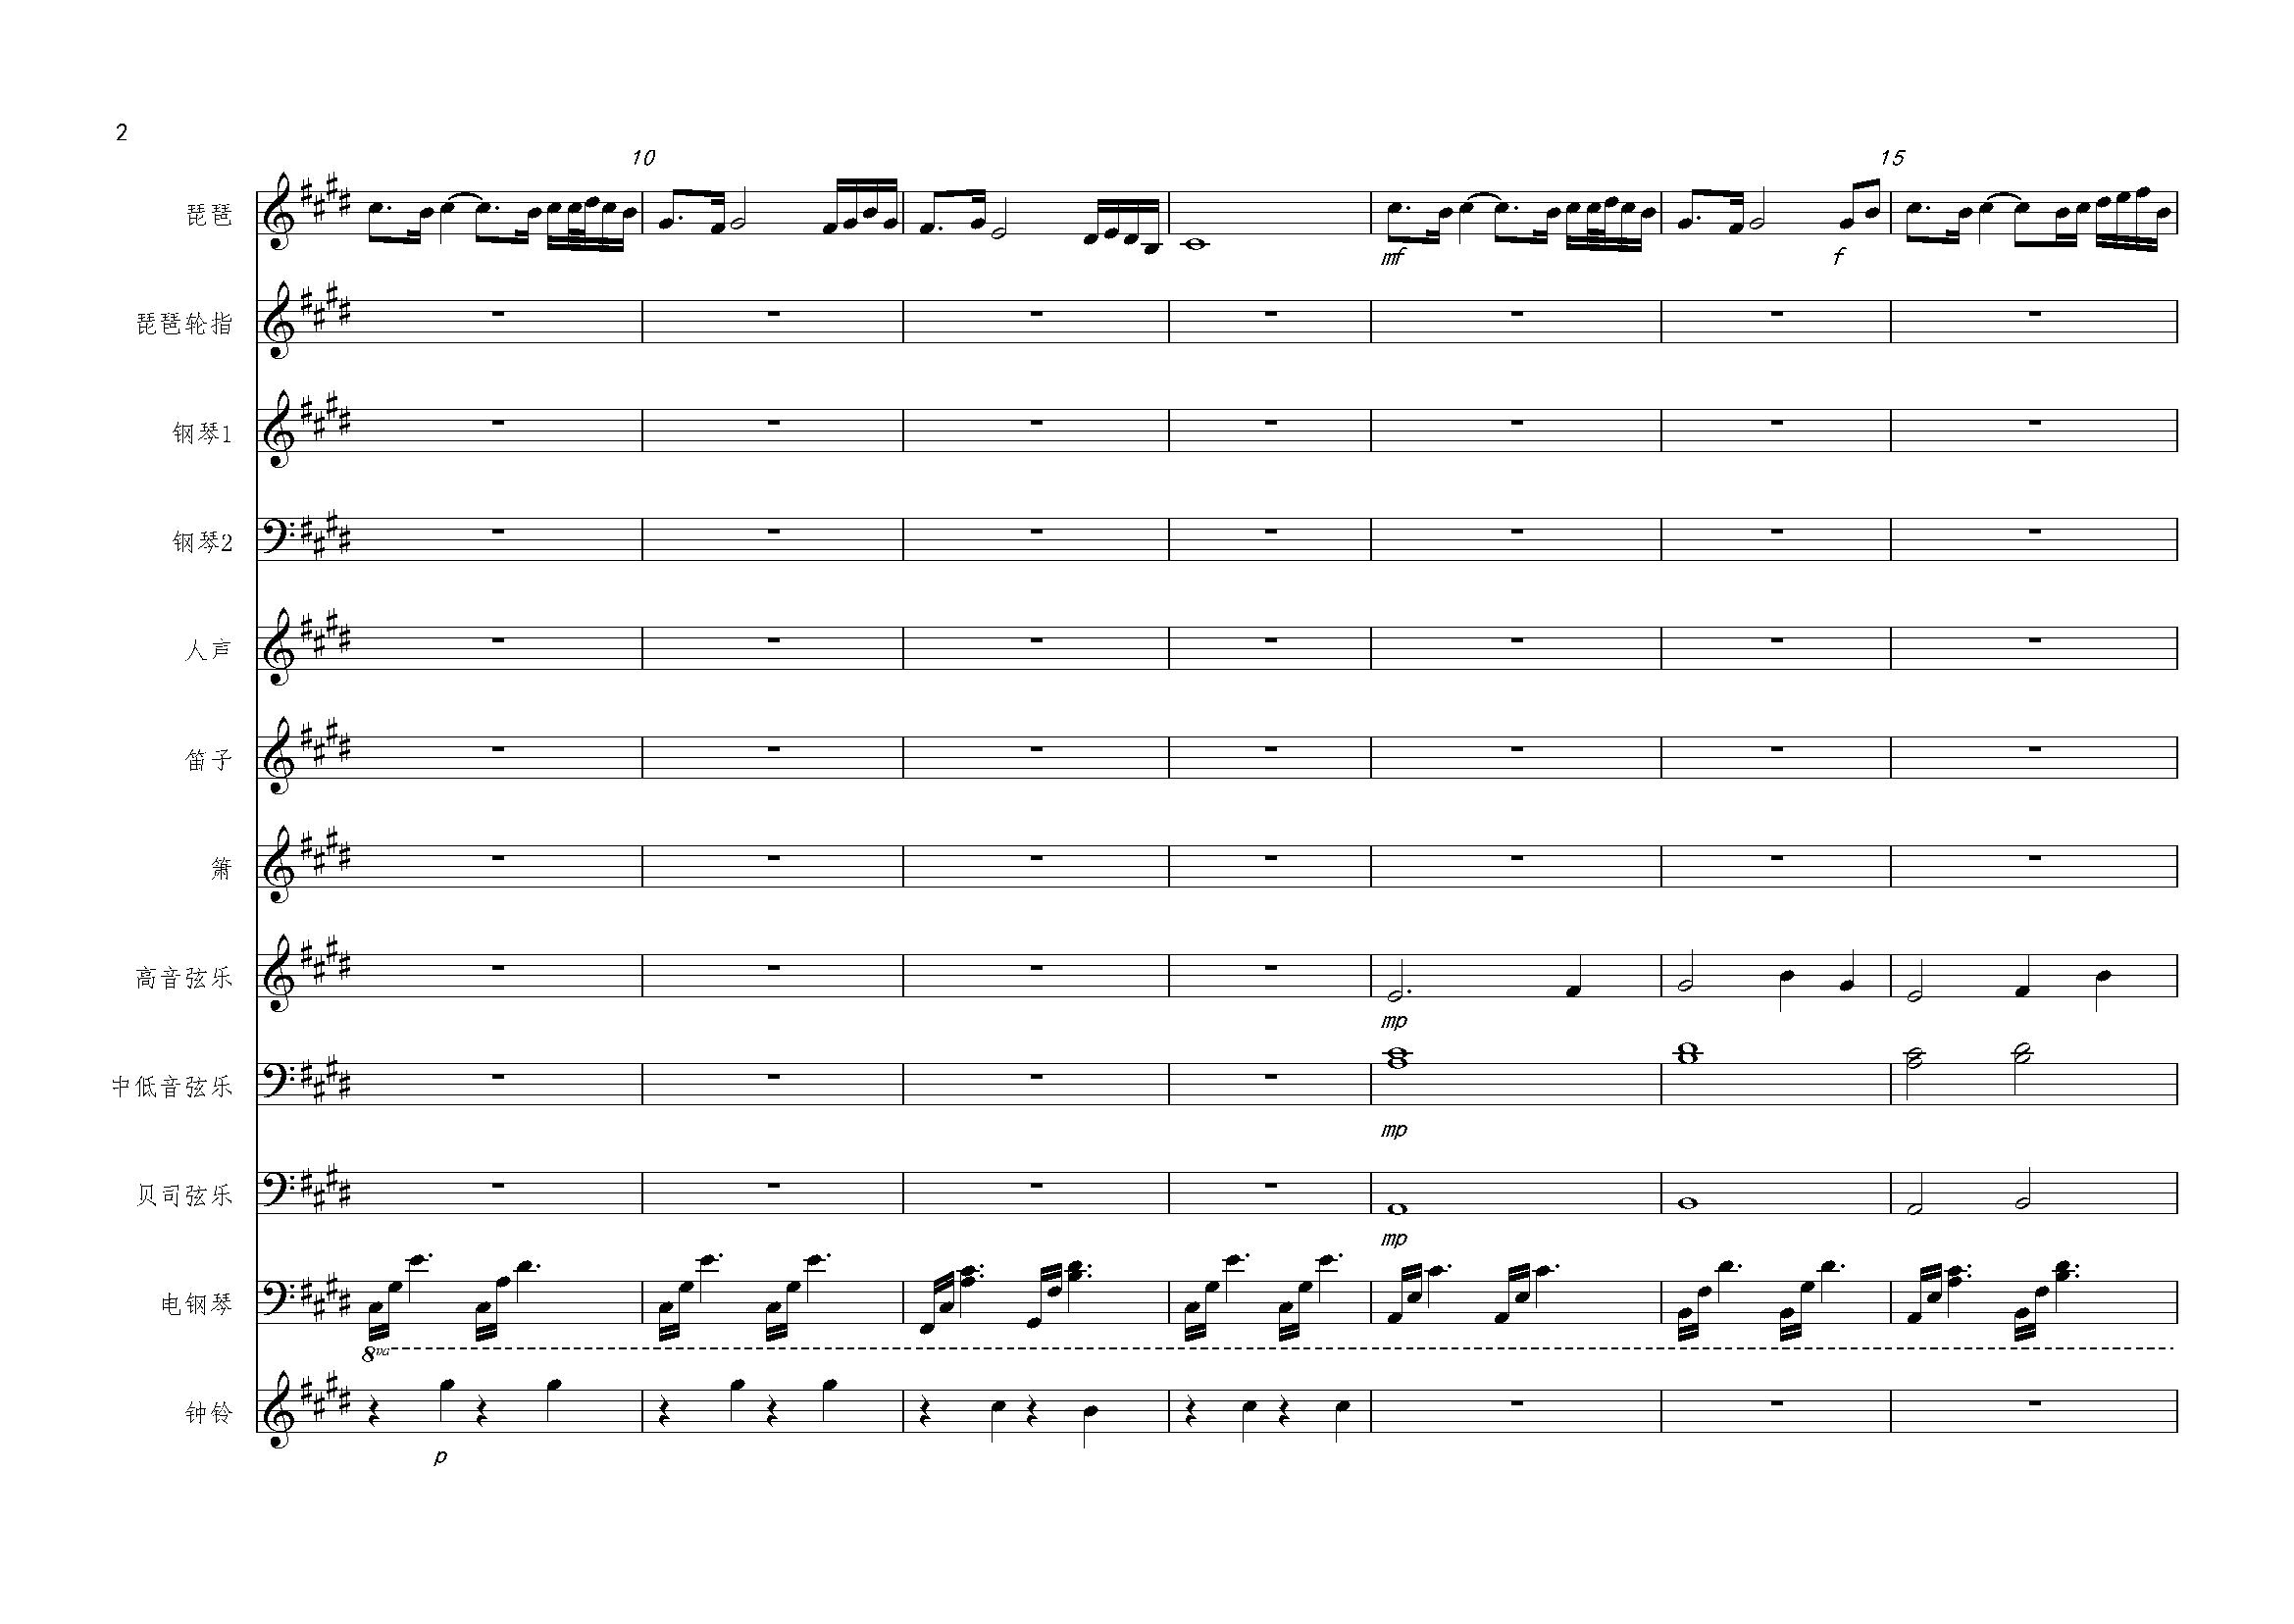 琵琶语钢琴谱 第2页